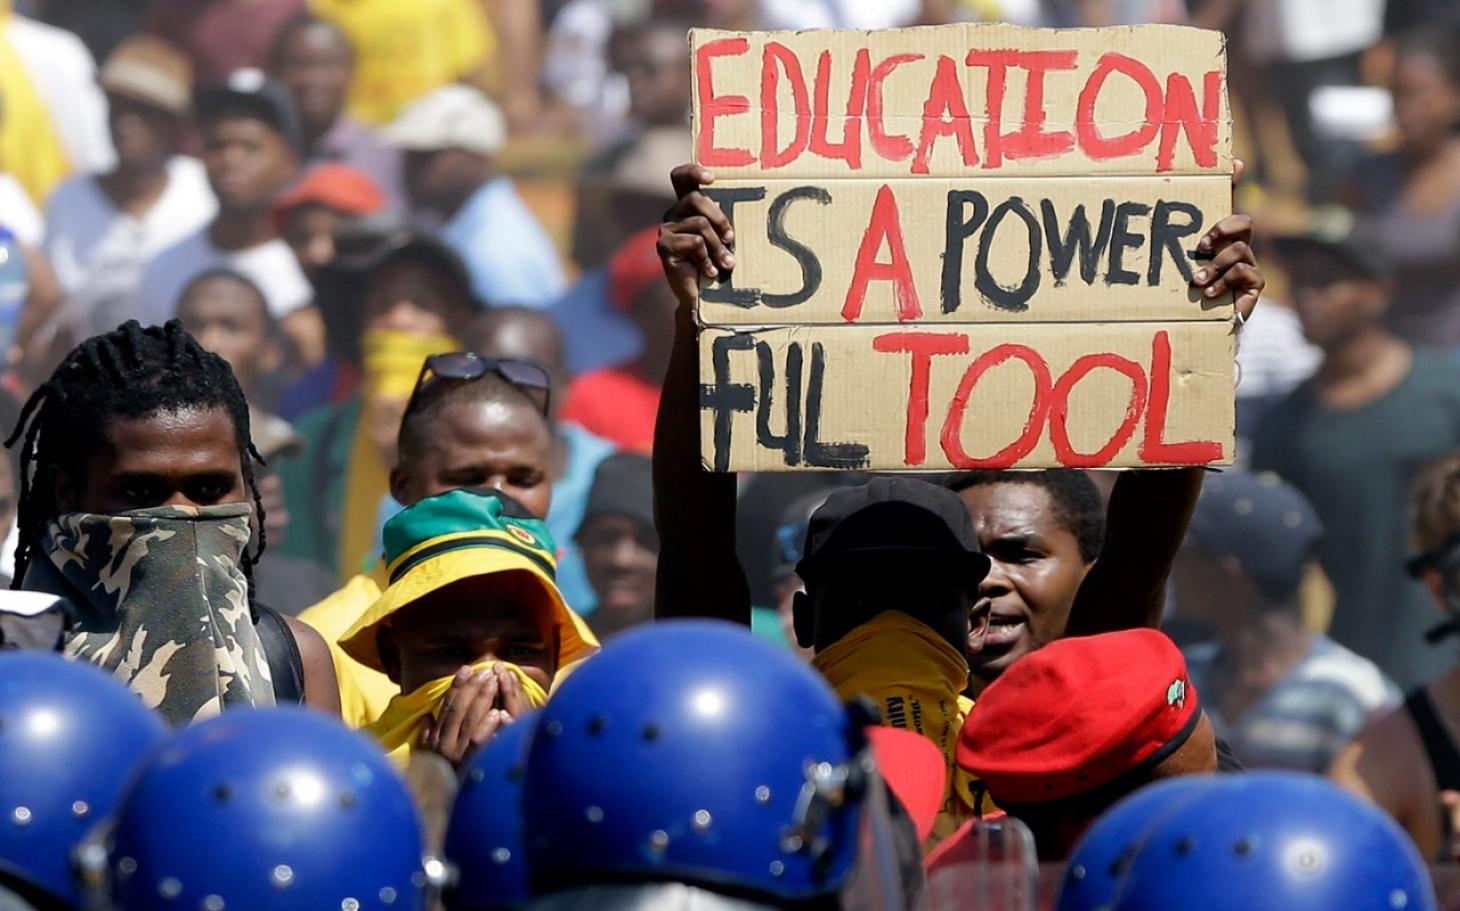 Африкийн сүйрэл буюу боловсролгүй Ерөнхийлөгчийн балаг